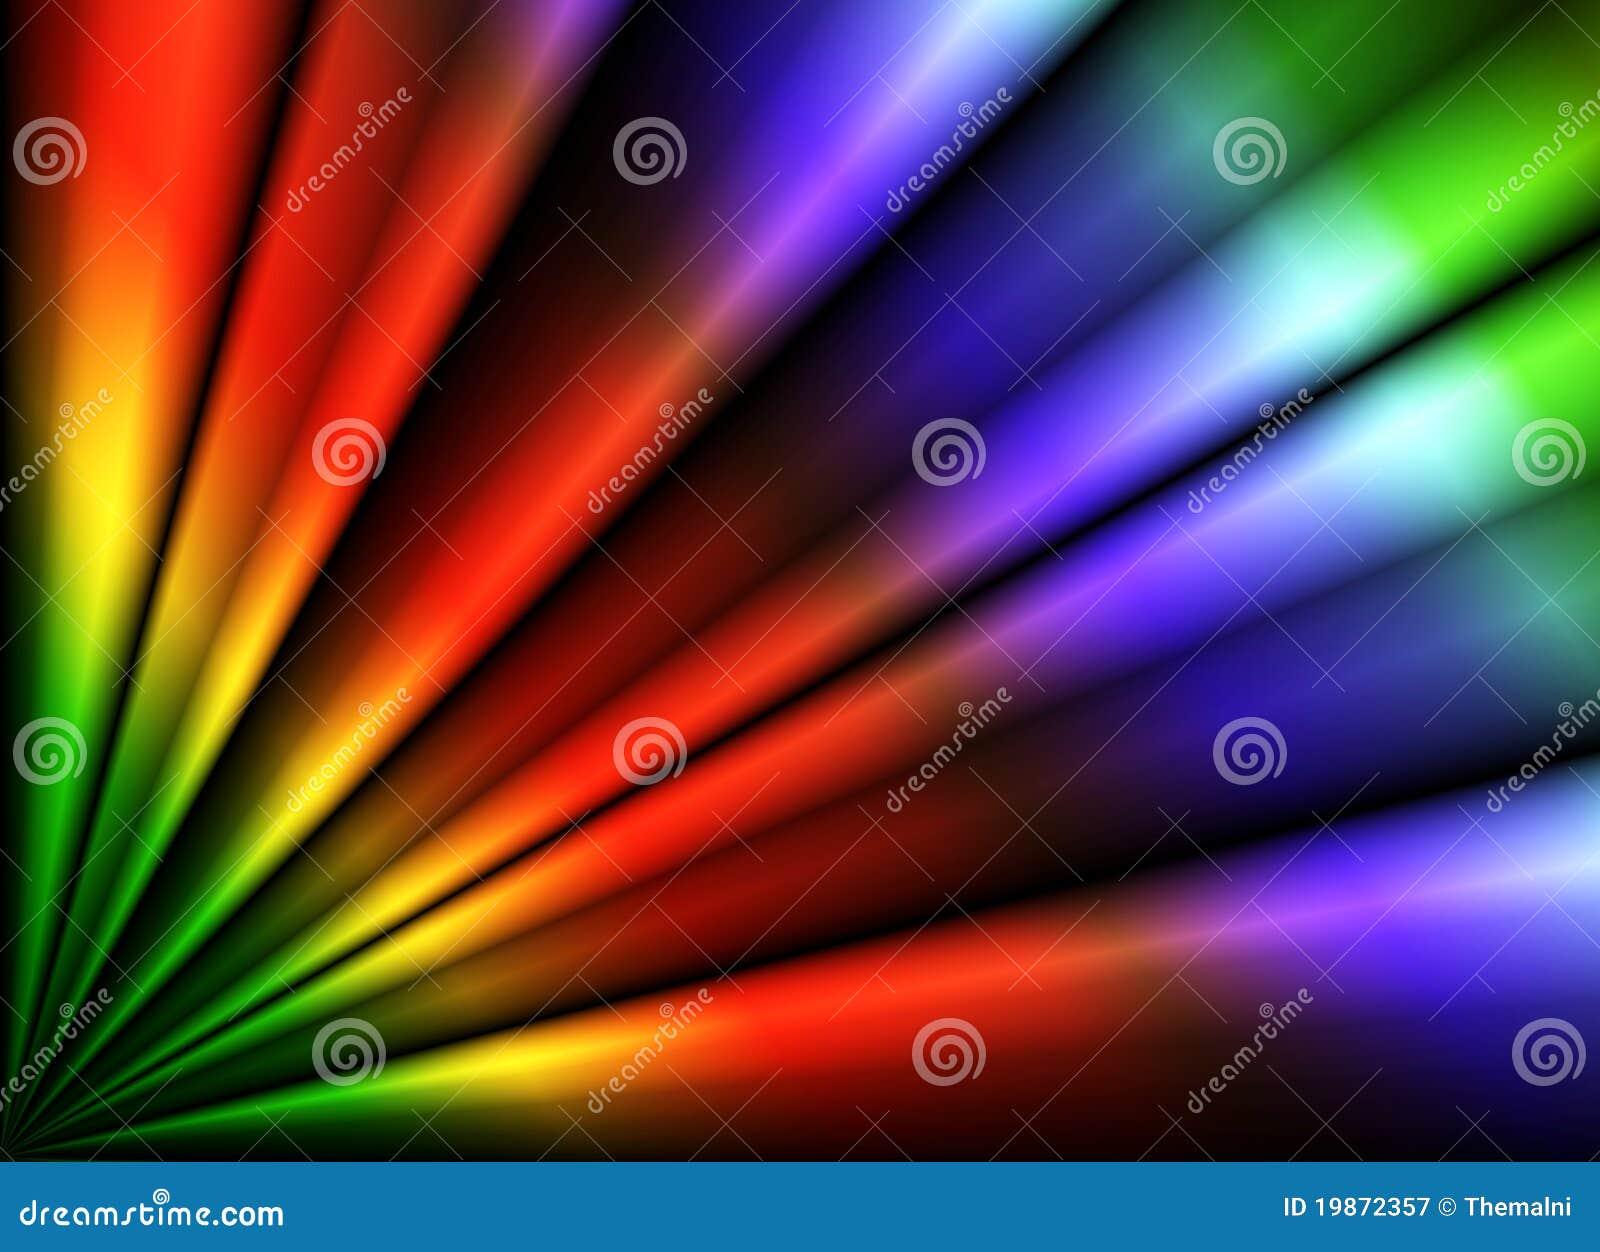 Dobras do arco-íris